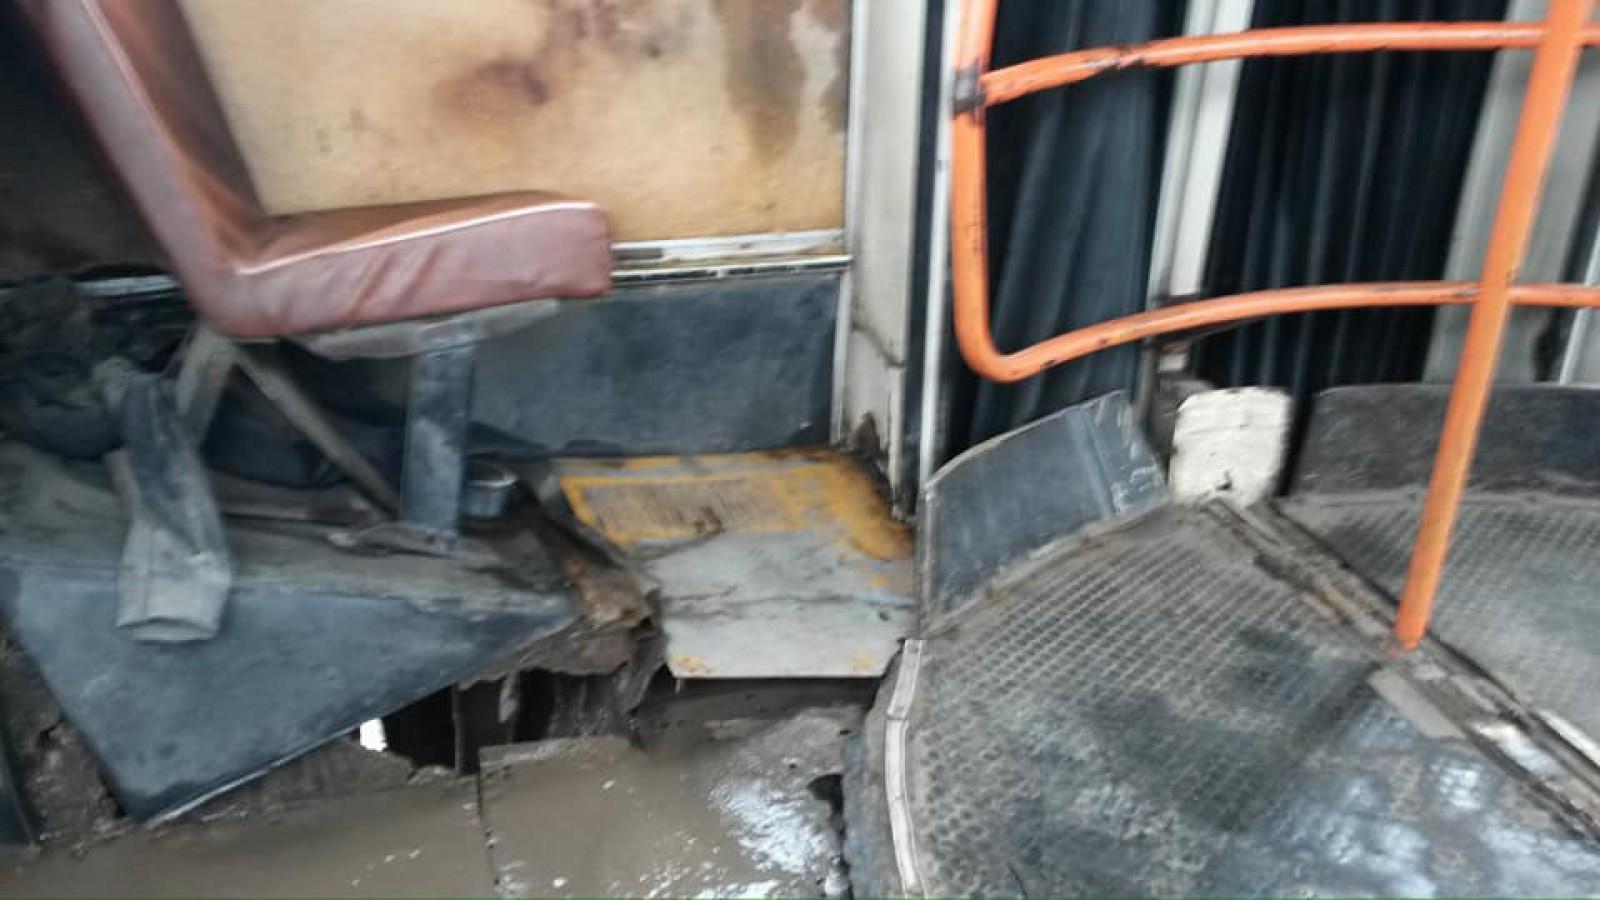 (foto/video) Imagini groaznice din autobuzul de pe ruta nr.46. Condițiile insuportabile în care sunt transportați pasagerii